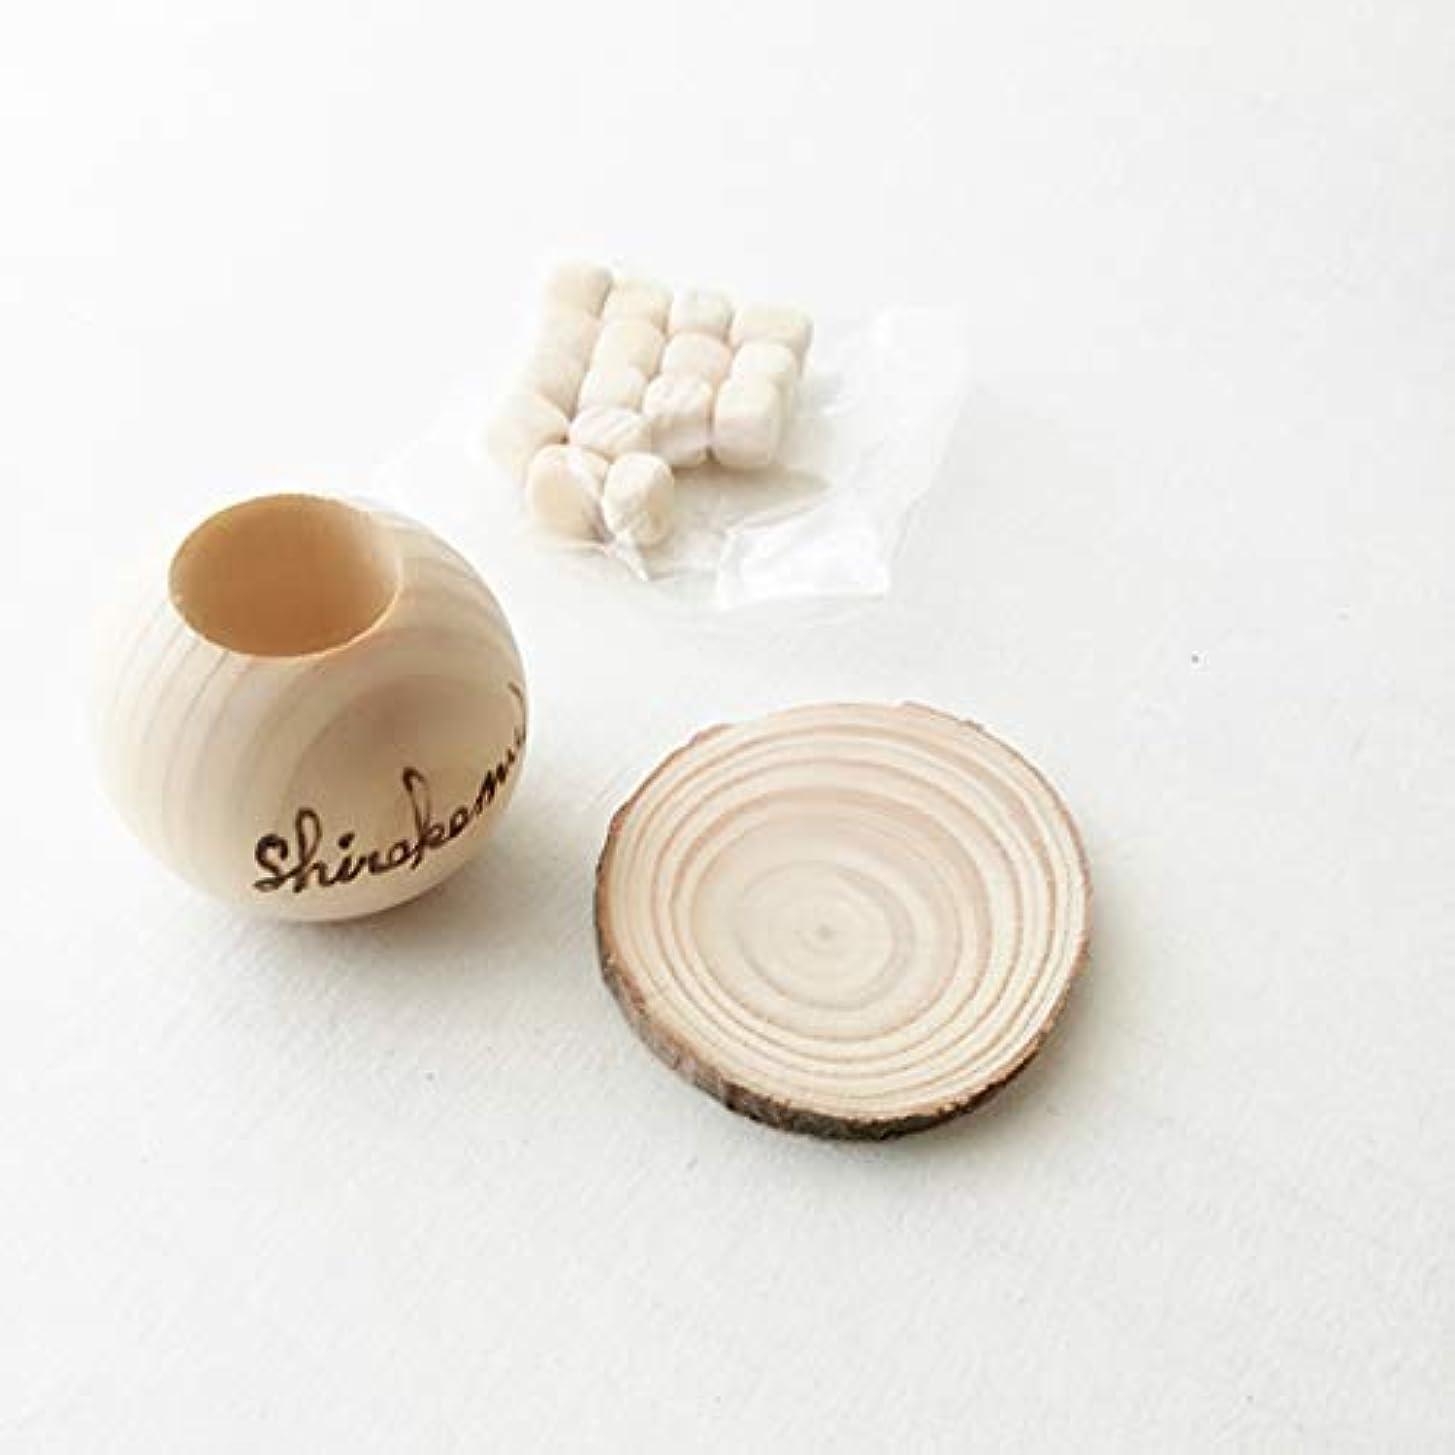 先見の明意気消沈した遺伝子shirokemu 国産 天然 ひのき 木目調 アロマポット 木製 アロマデュフューザー 35mm ( アロマオイル エッセンシャルオイル用 ひのきキューブ )